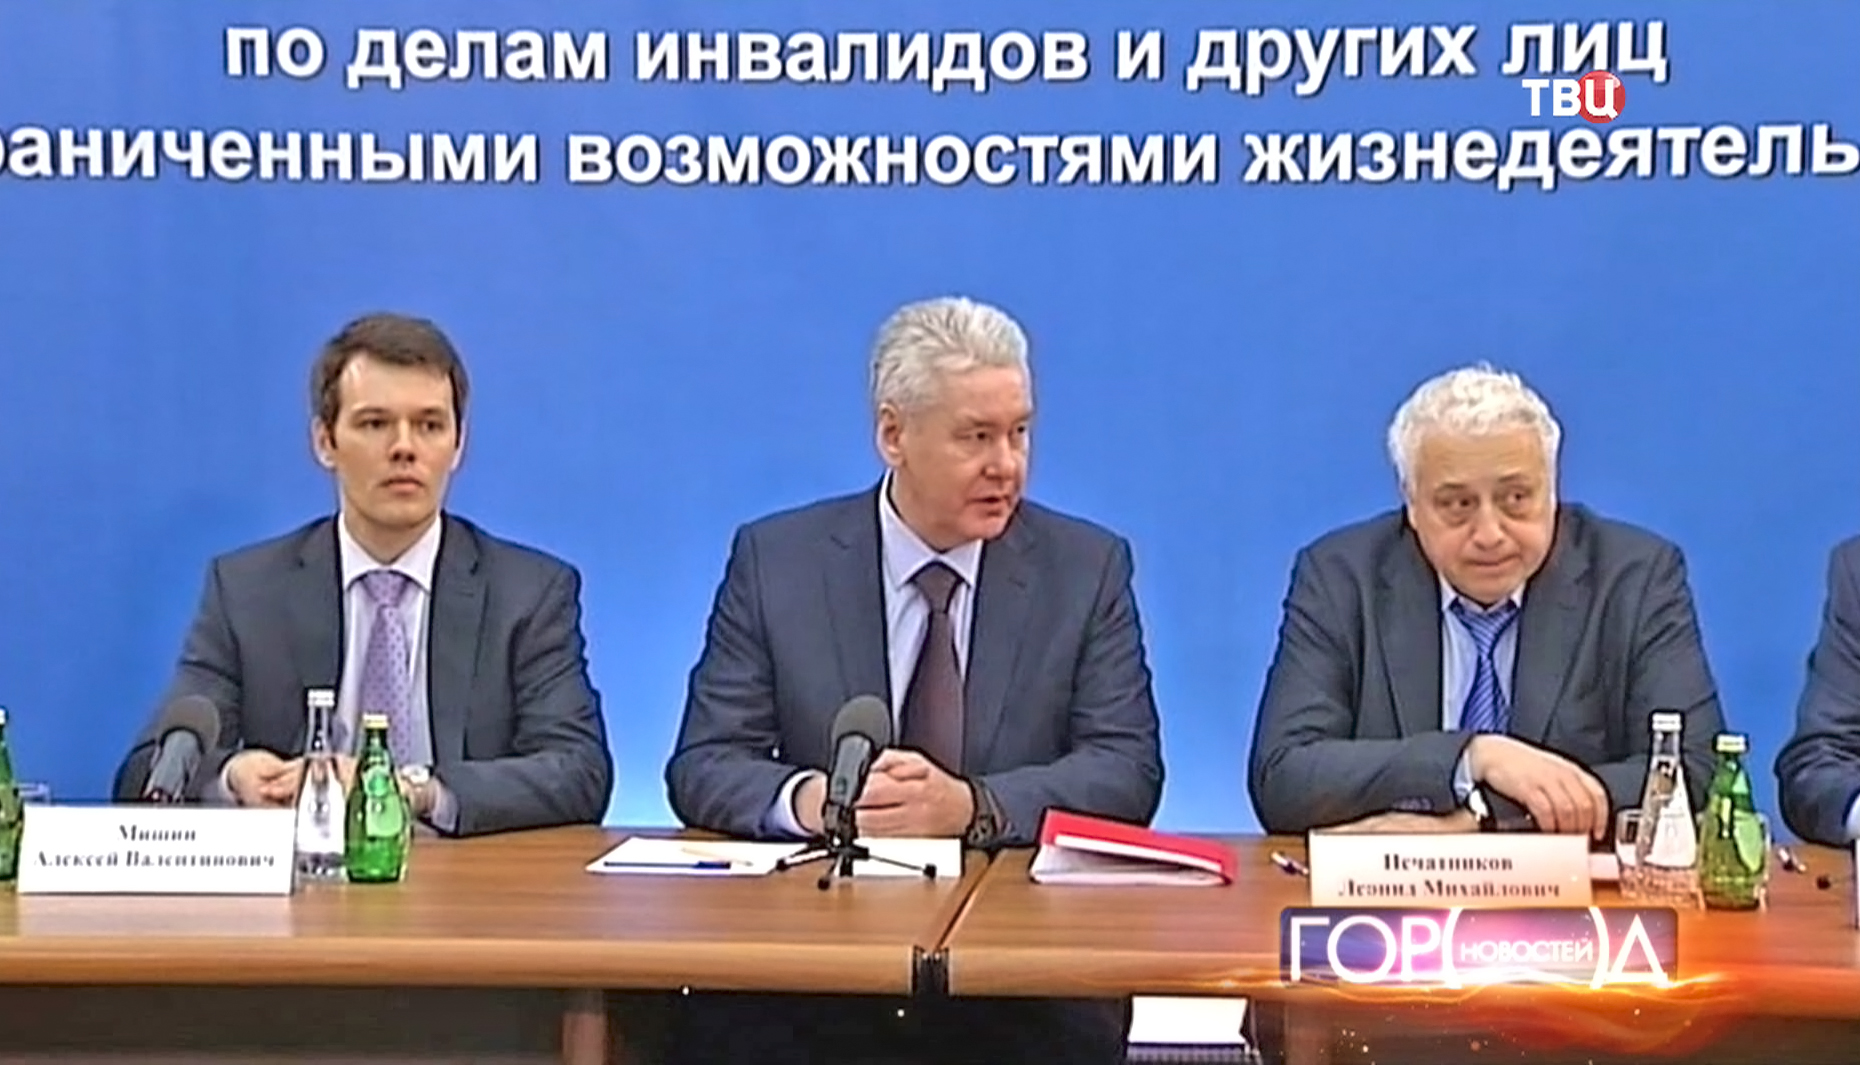 Сергей Собянин на заседании координационного совета по делам инвалидов